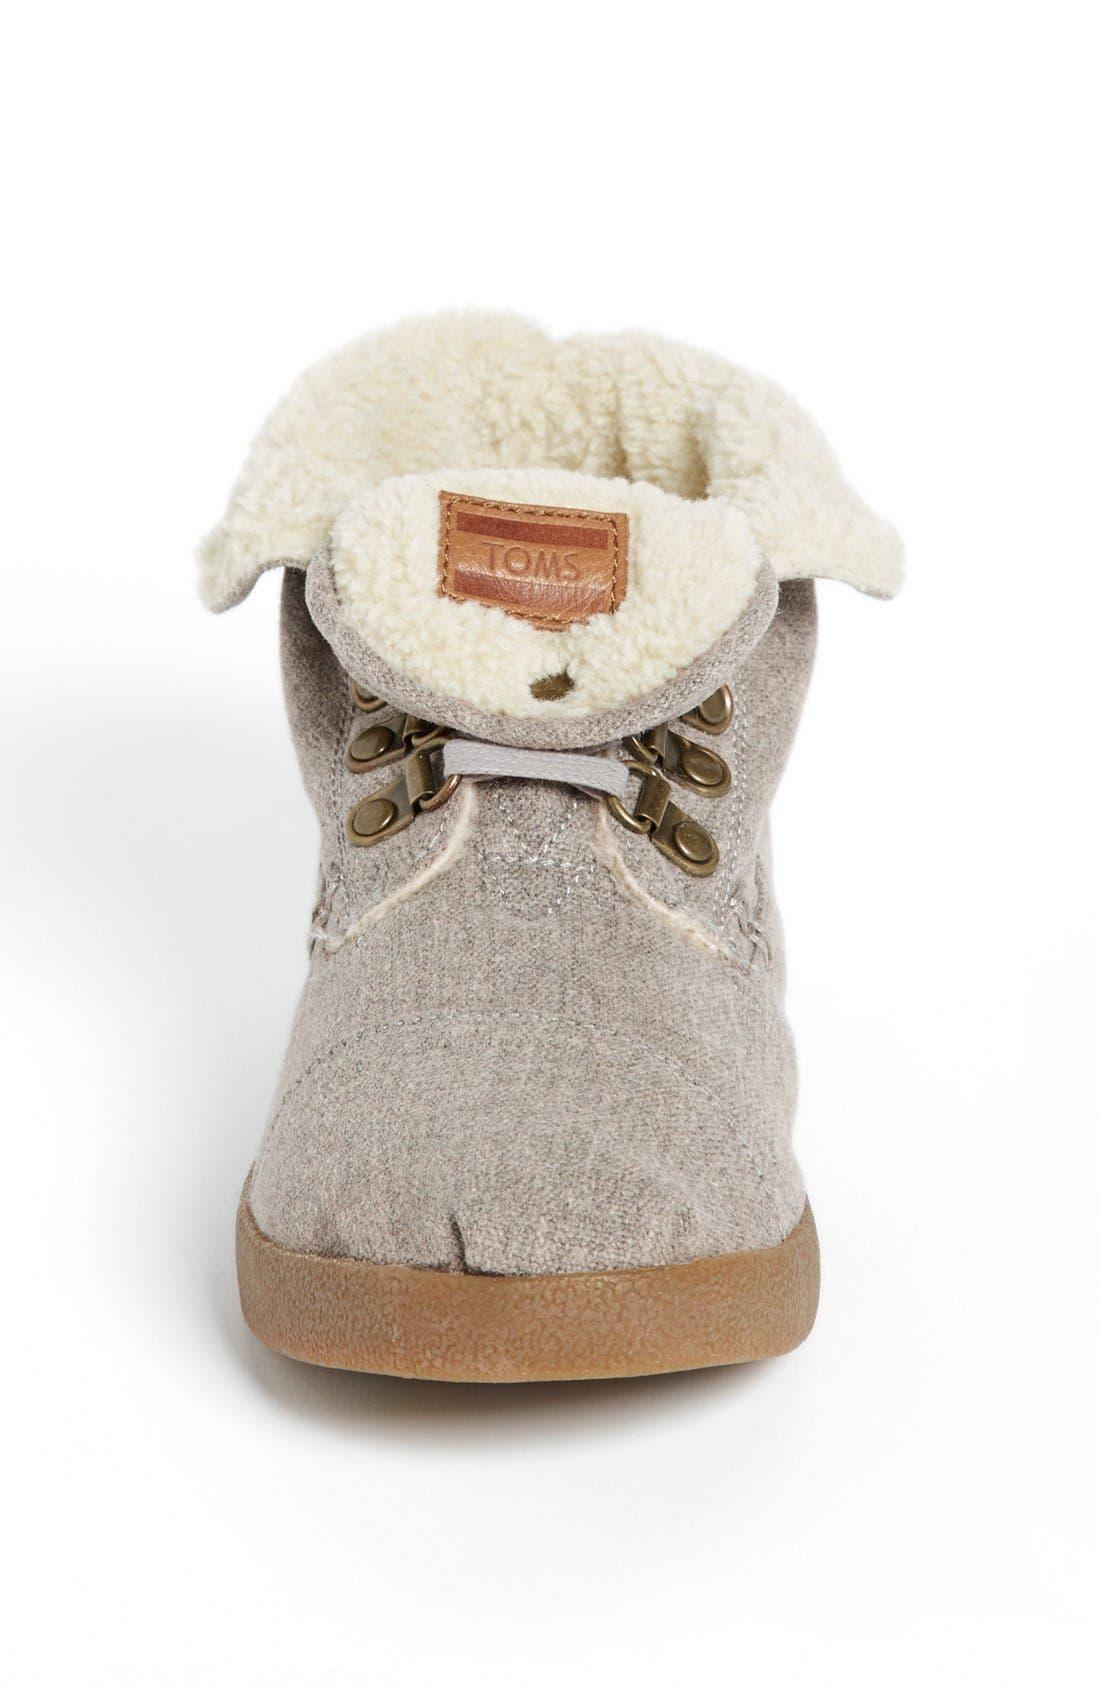 'High Botas' Fleece Boot,                             Alternate thumbnail 2, color,                             020